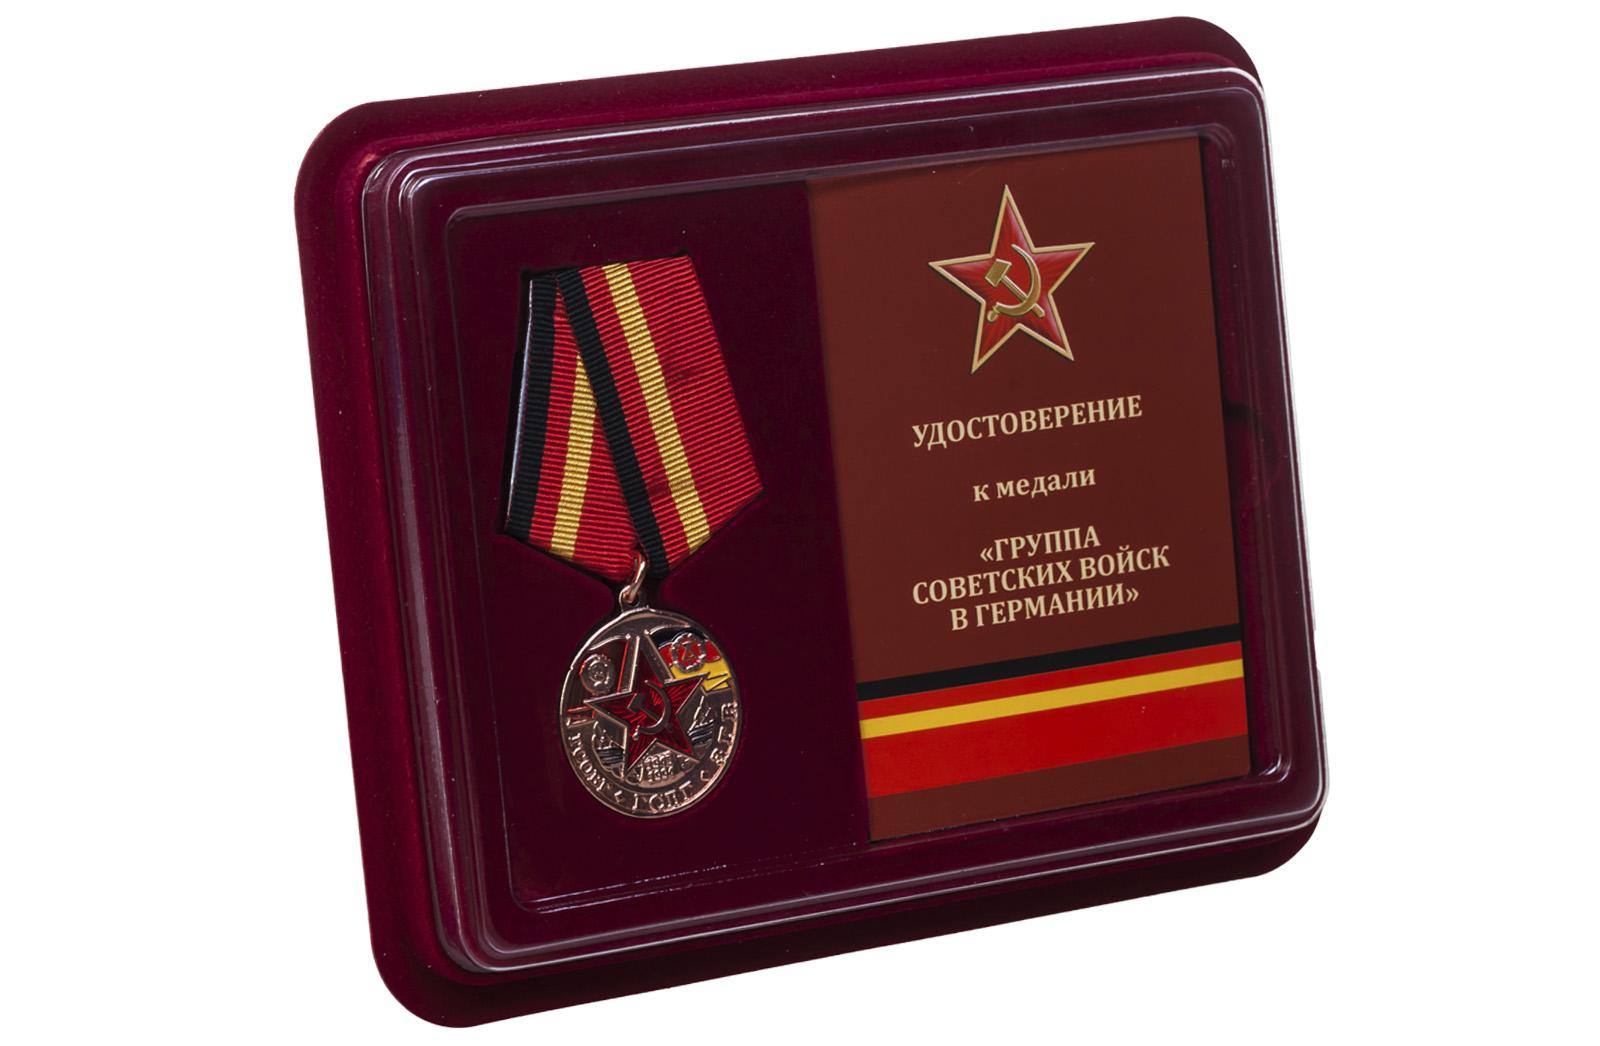 Купить медаль ГСВГ в футляре с удостоверением оптом или в розницу